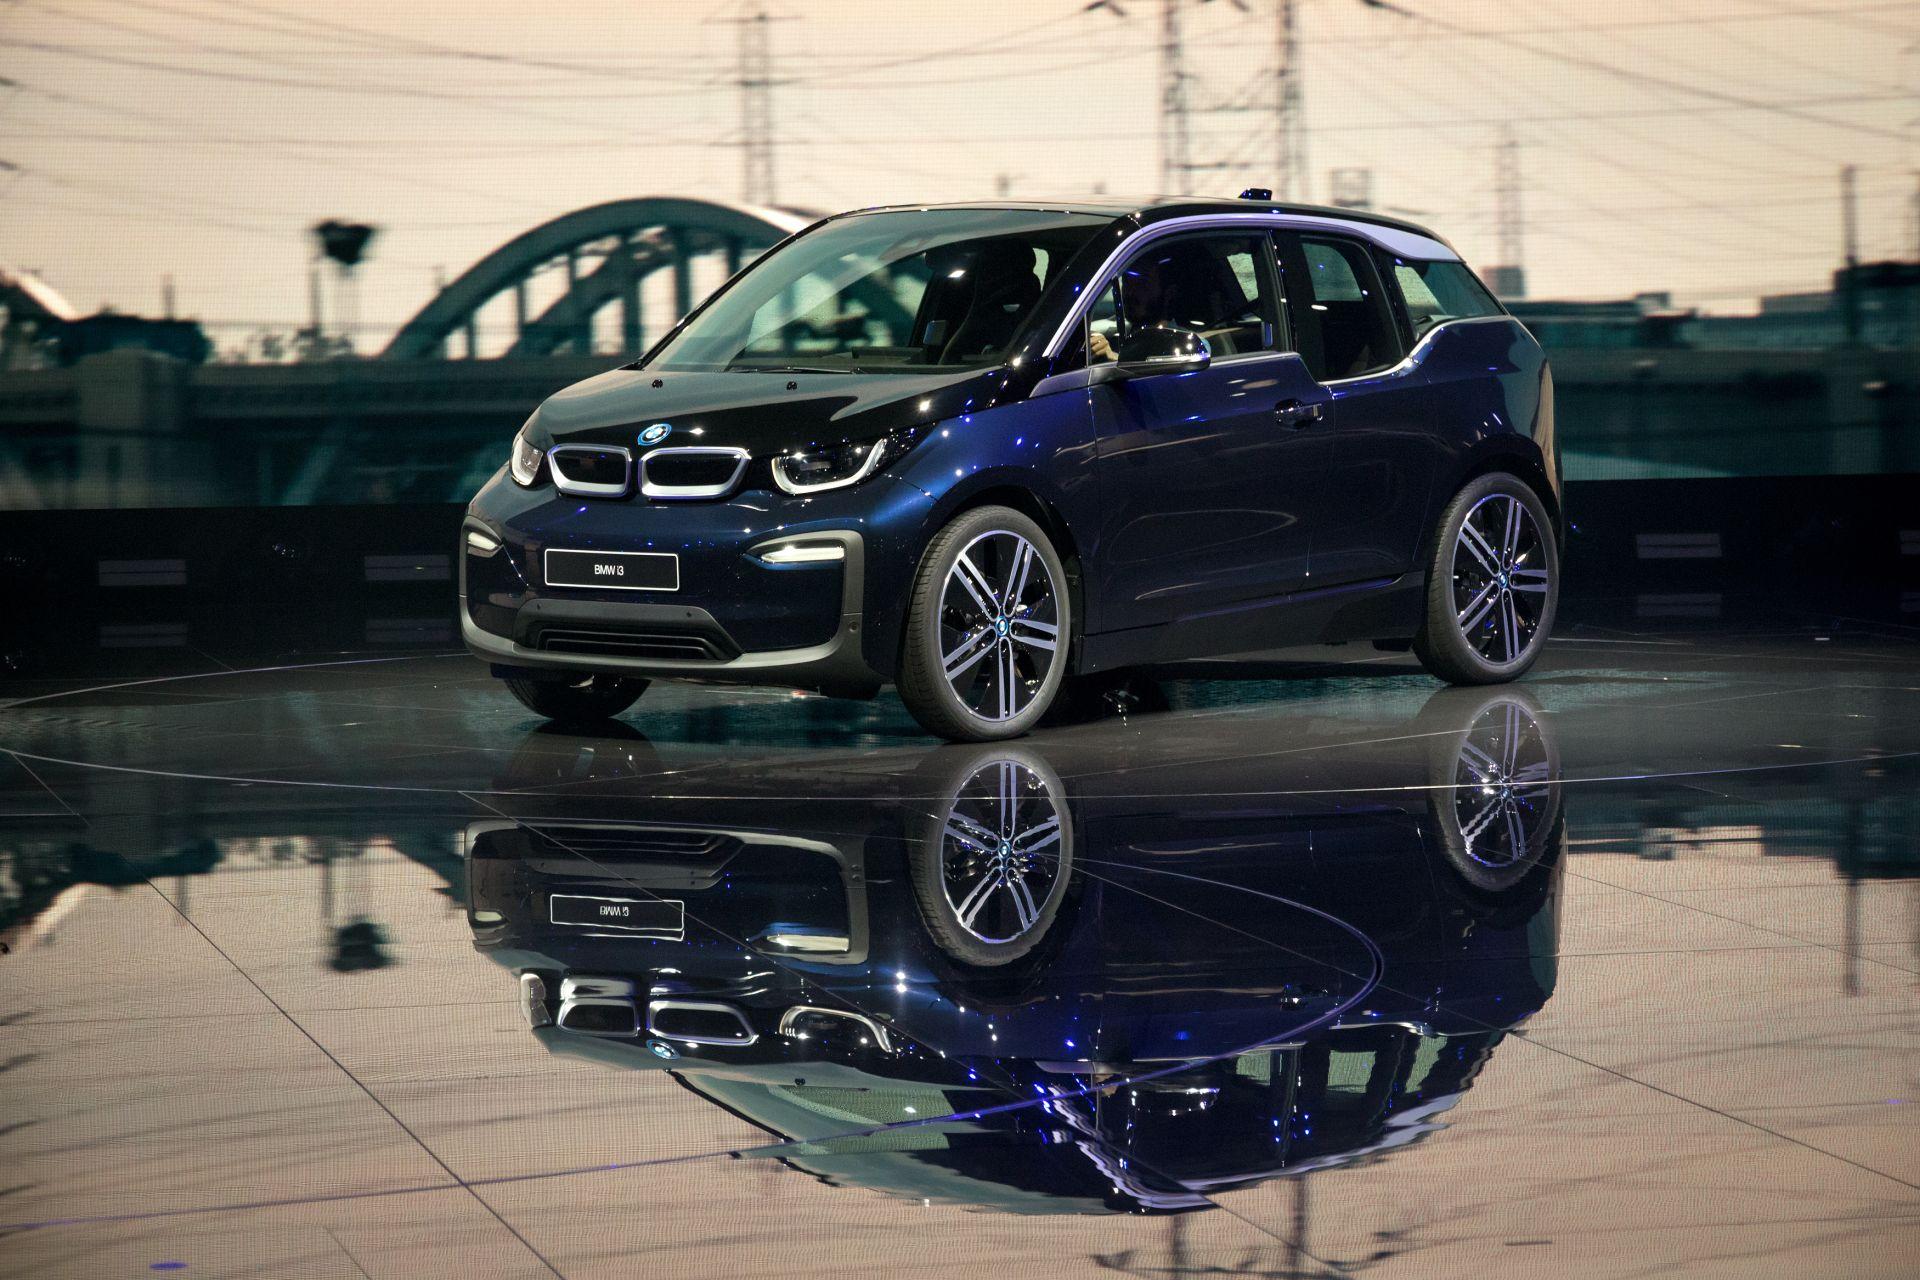 """BMW-CEO: """"Elektromobilität ist für BMW eine technologische Selbstverständlichkeit"""""""